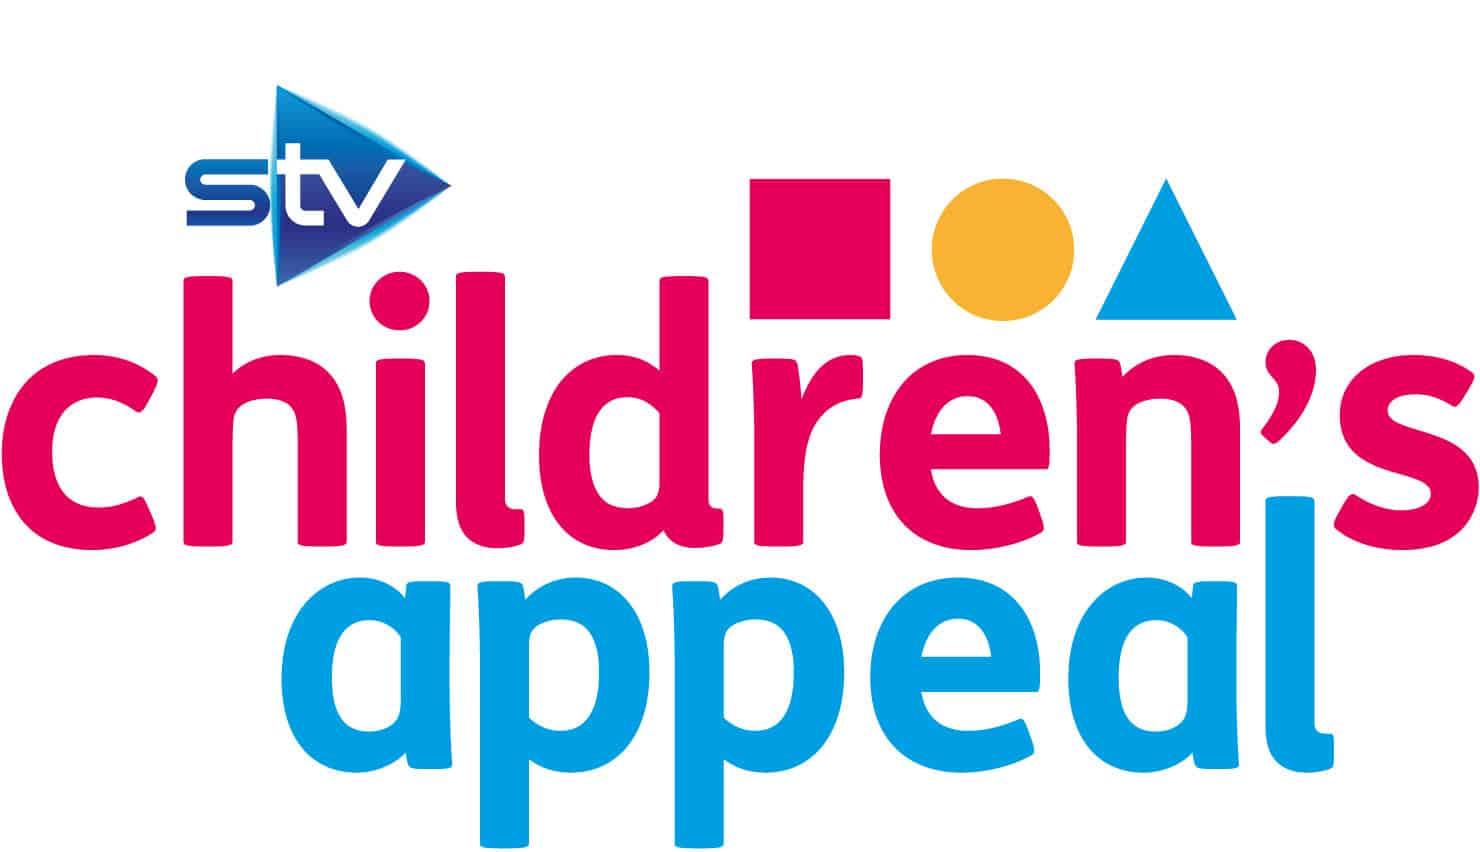 STV children appeal